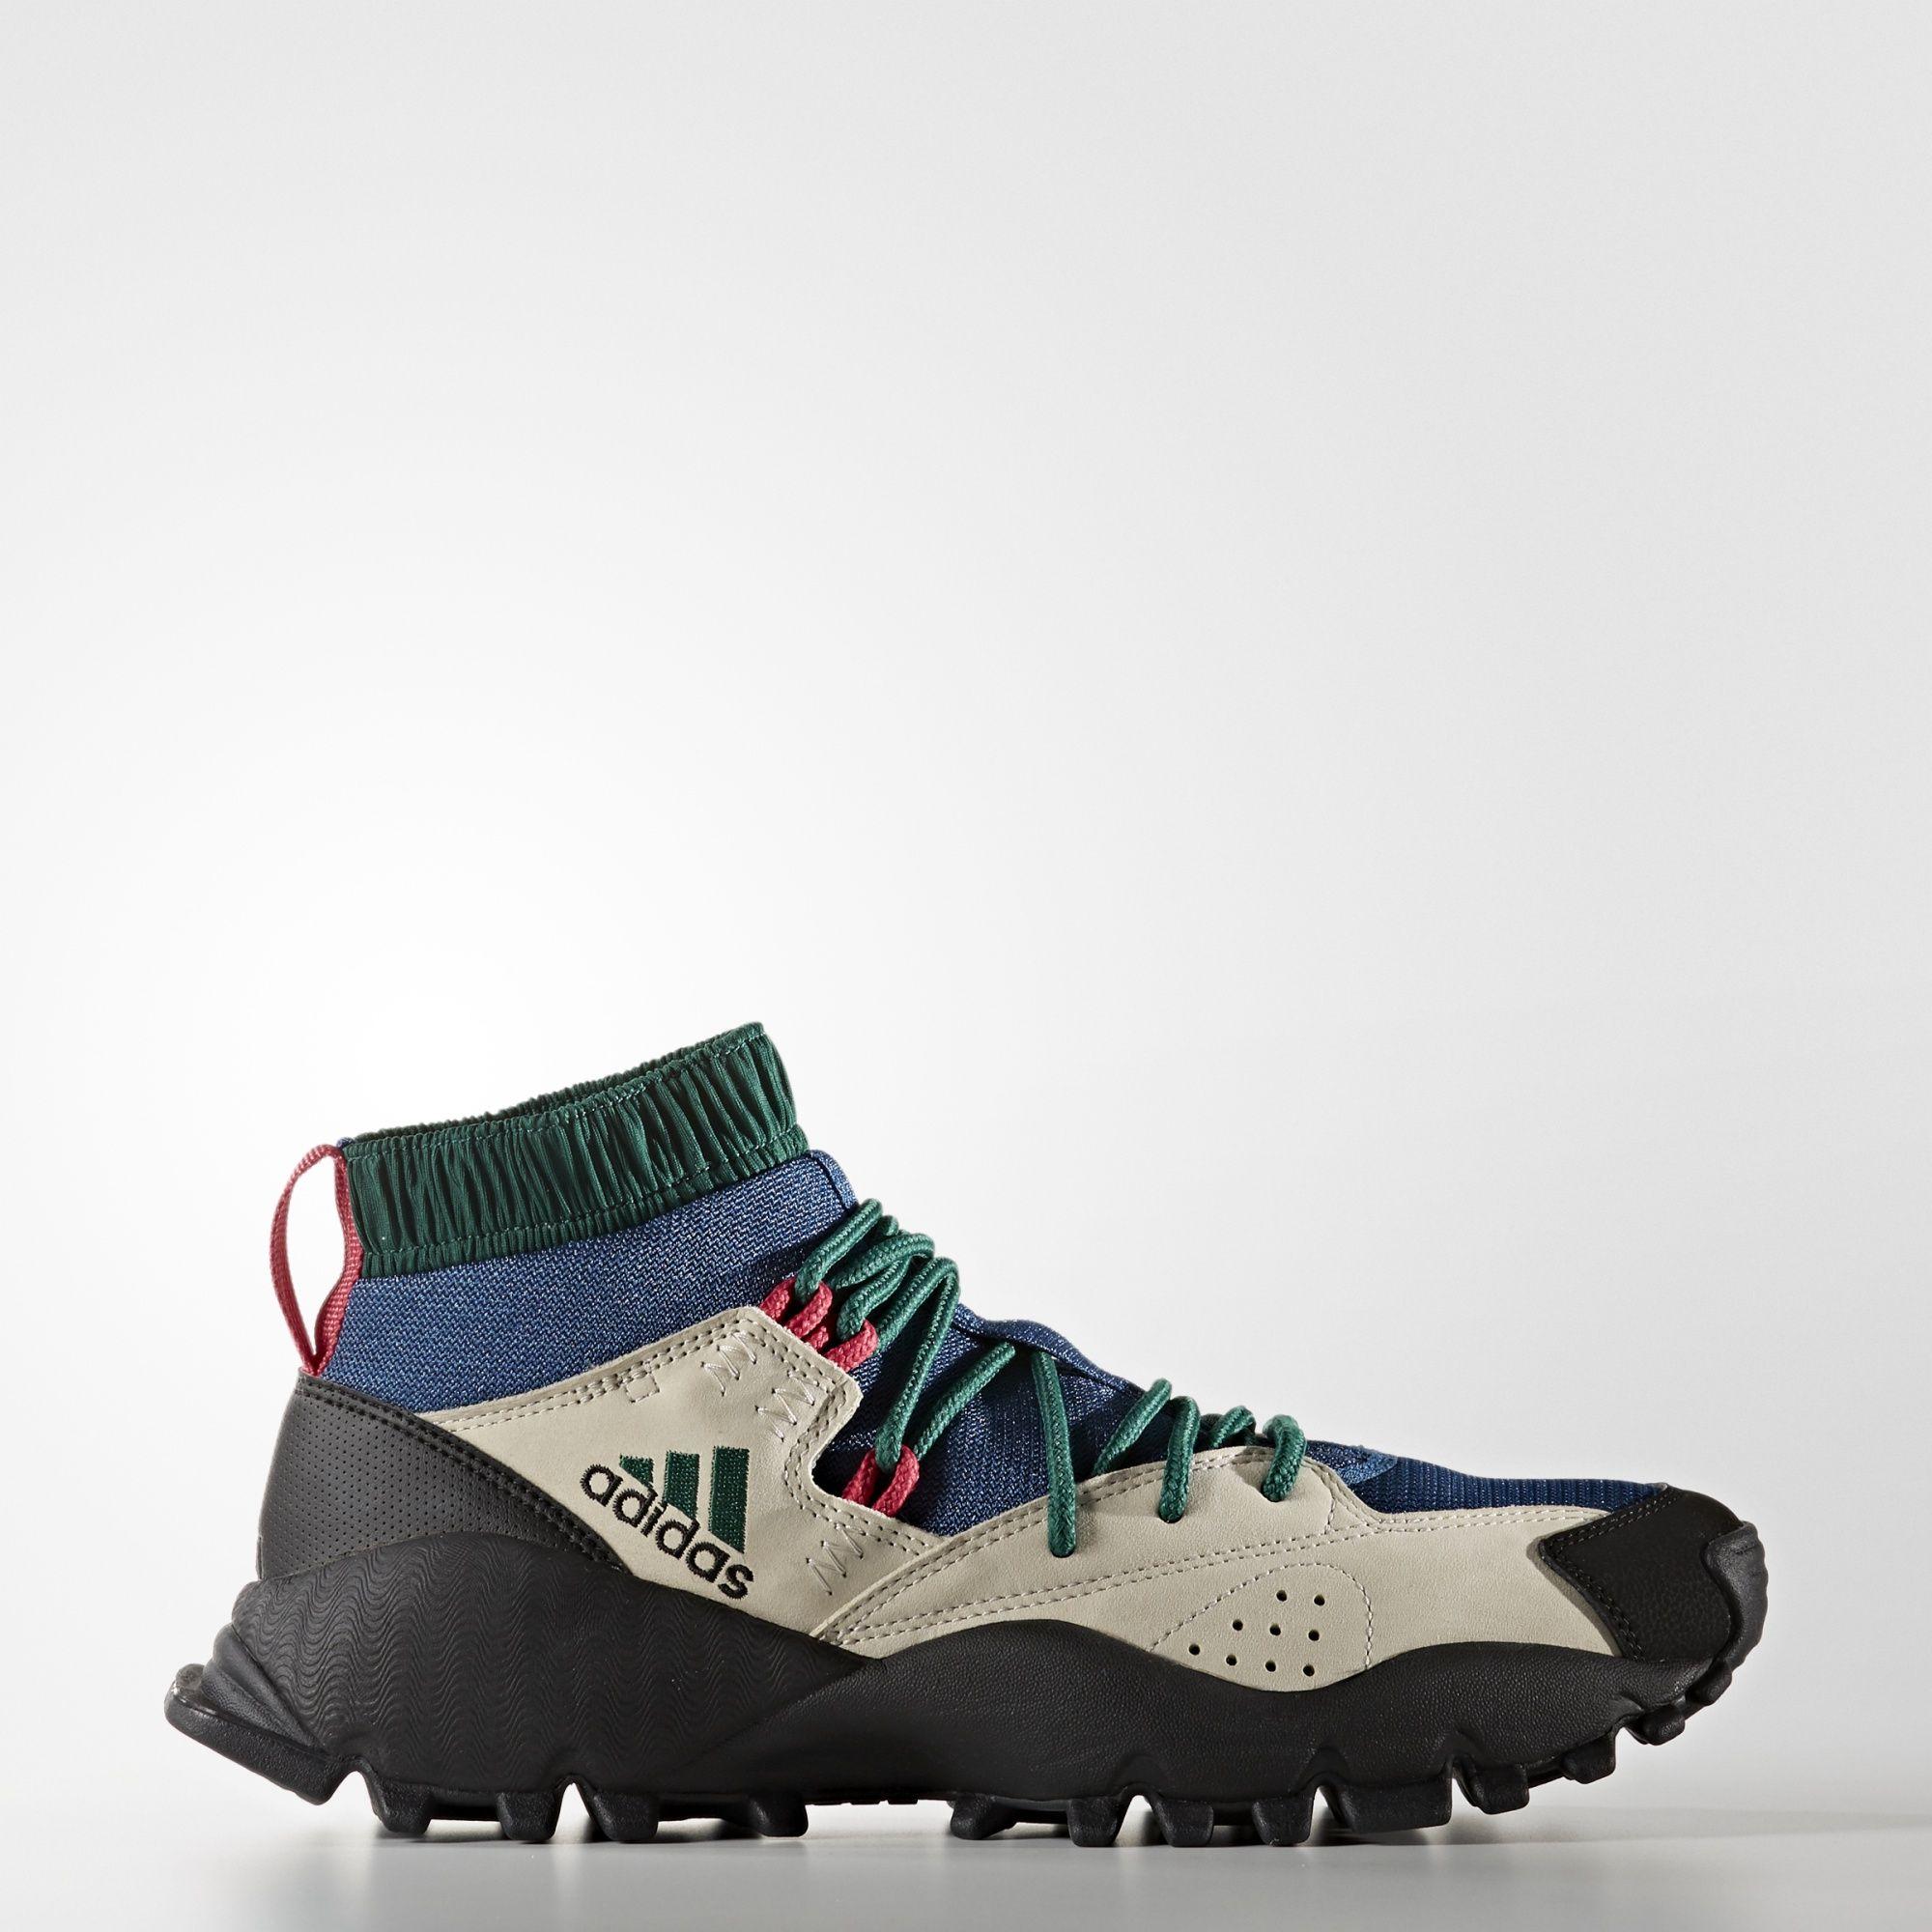 La Seeulater OG rend hommage au légendaire style adidas des '90s avec cette  version hivernale